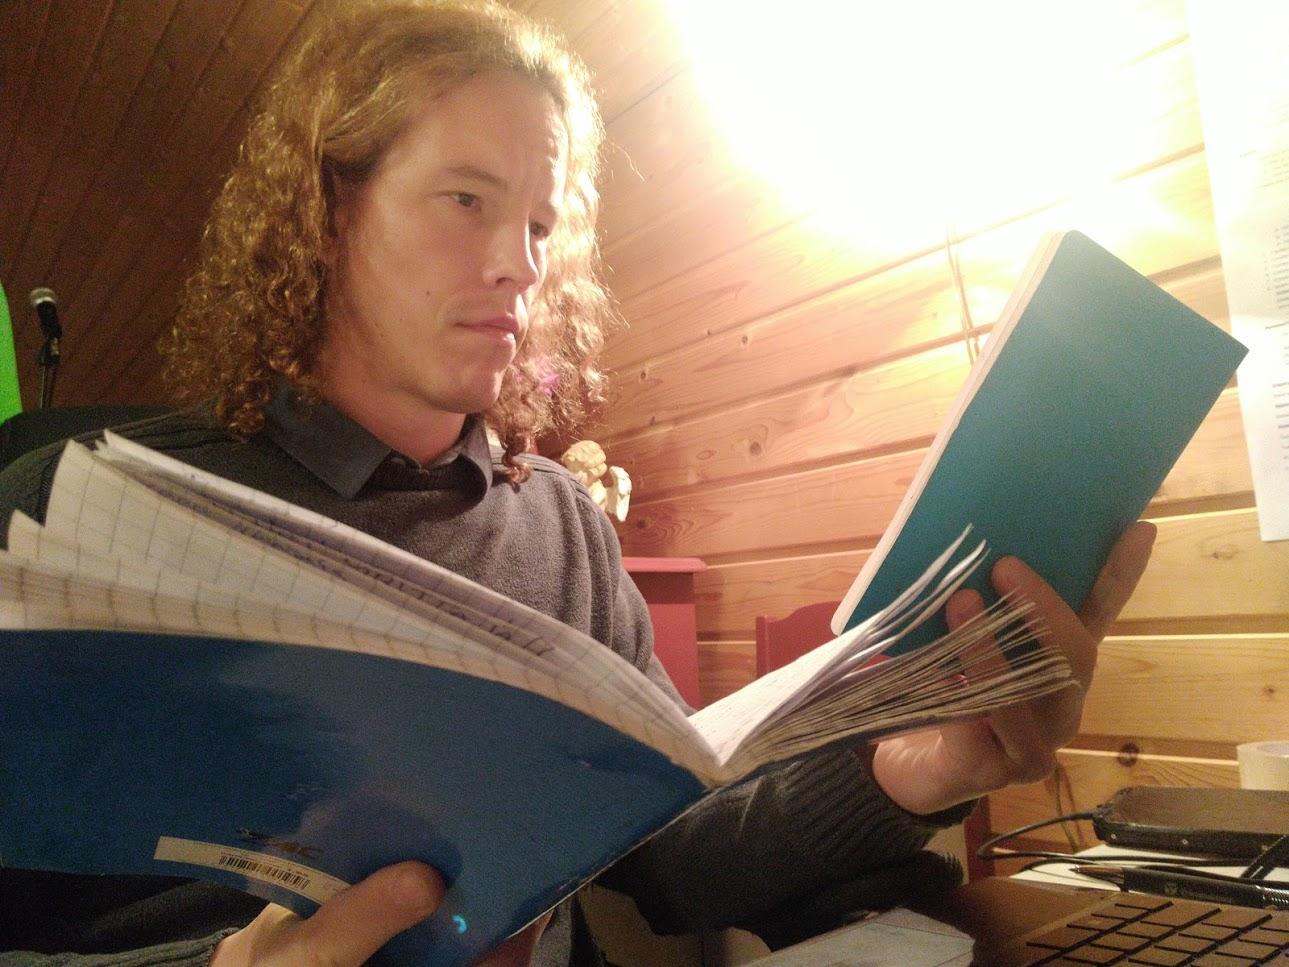 Mark reading notes